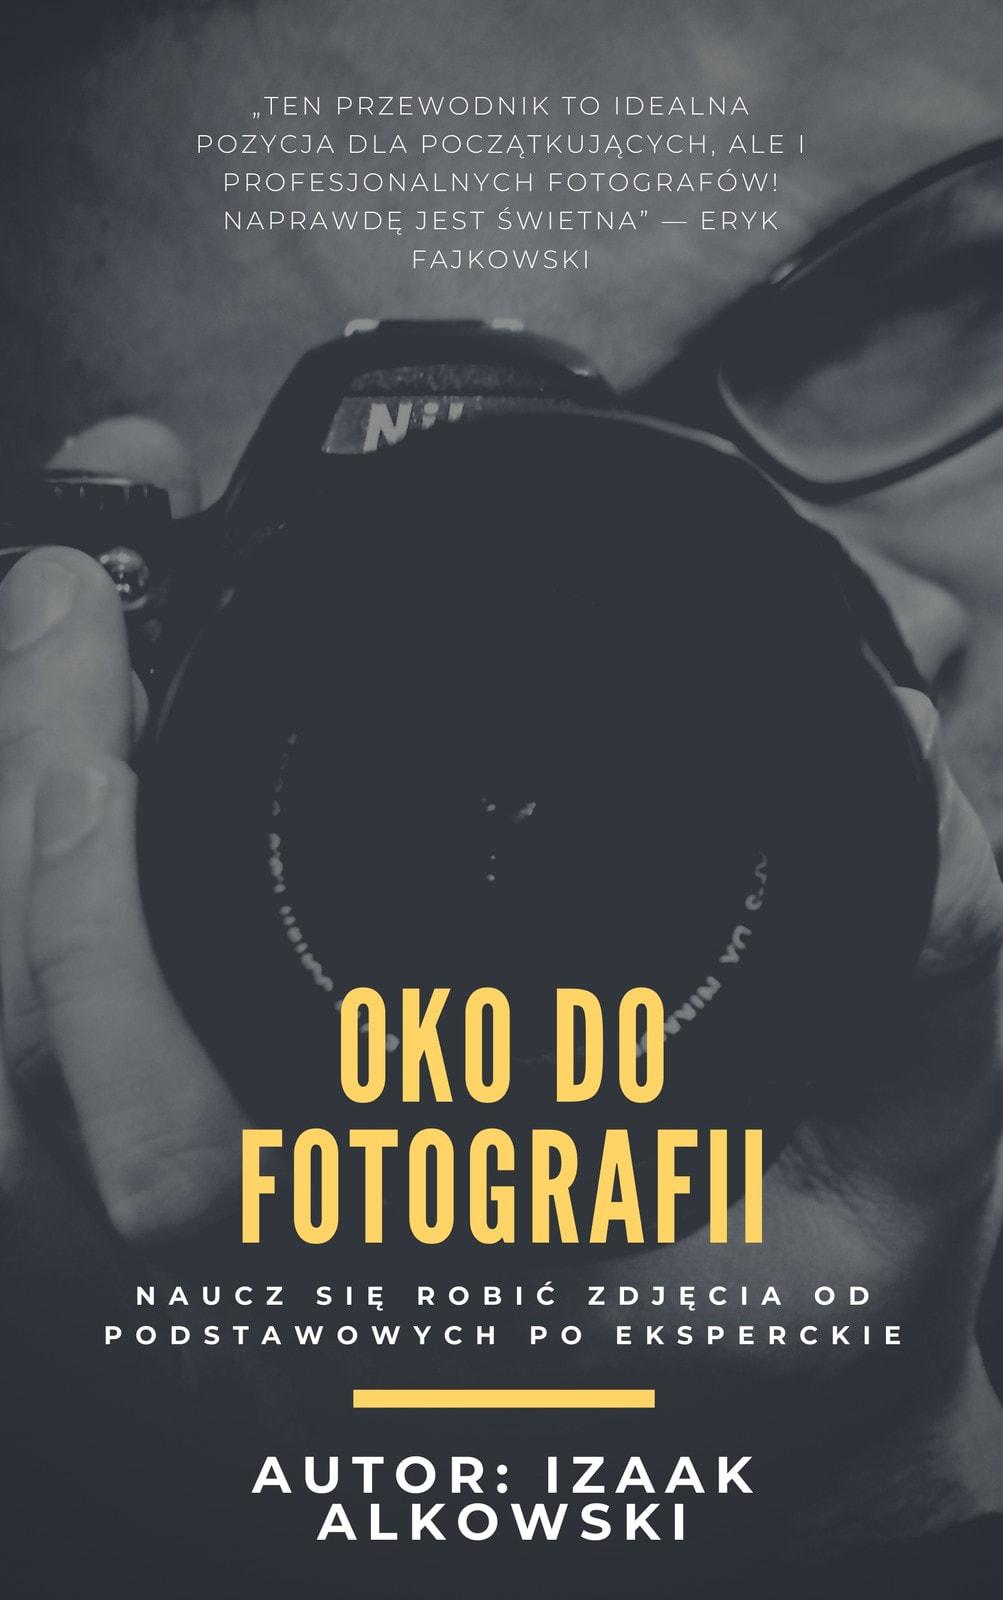 Czarne i Białe Dramatyczne Fotografia Okładka Książki